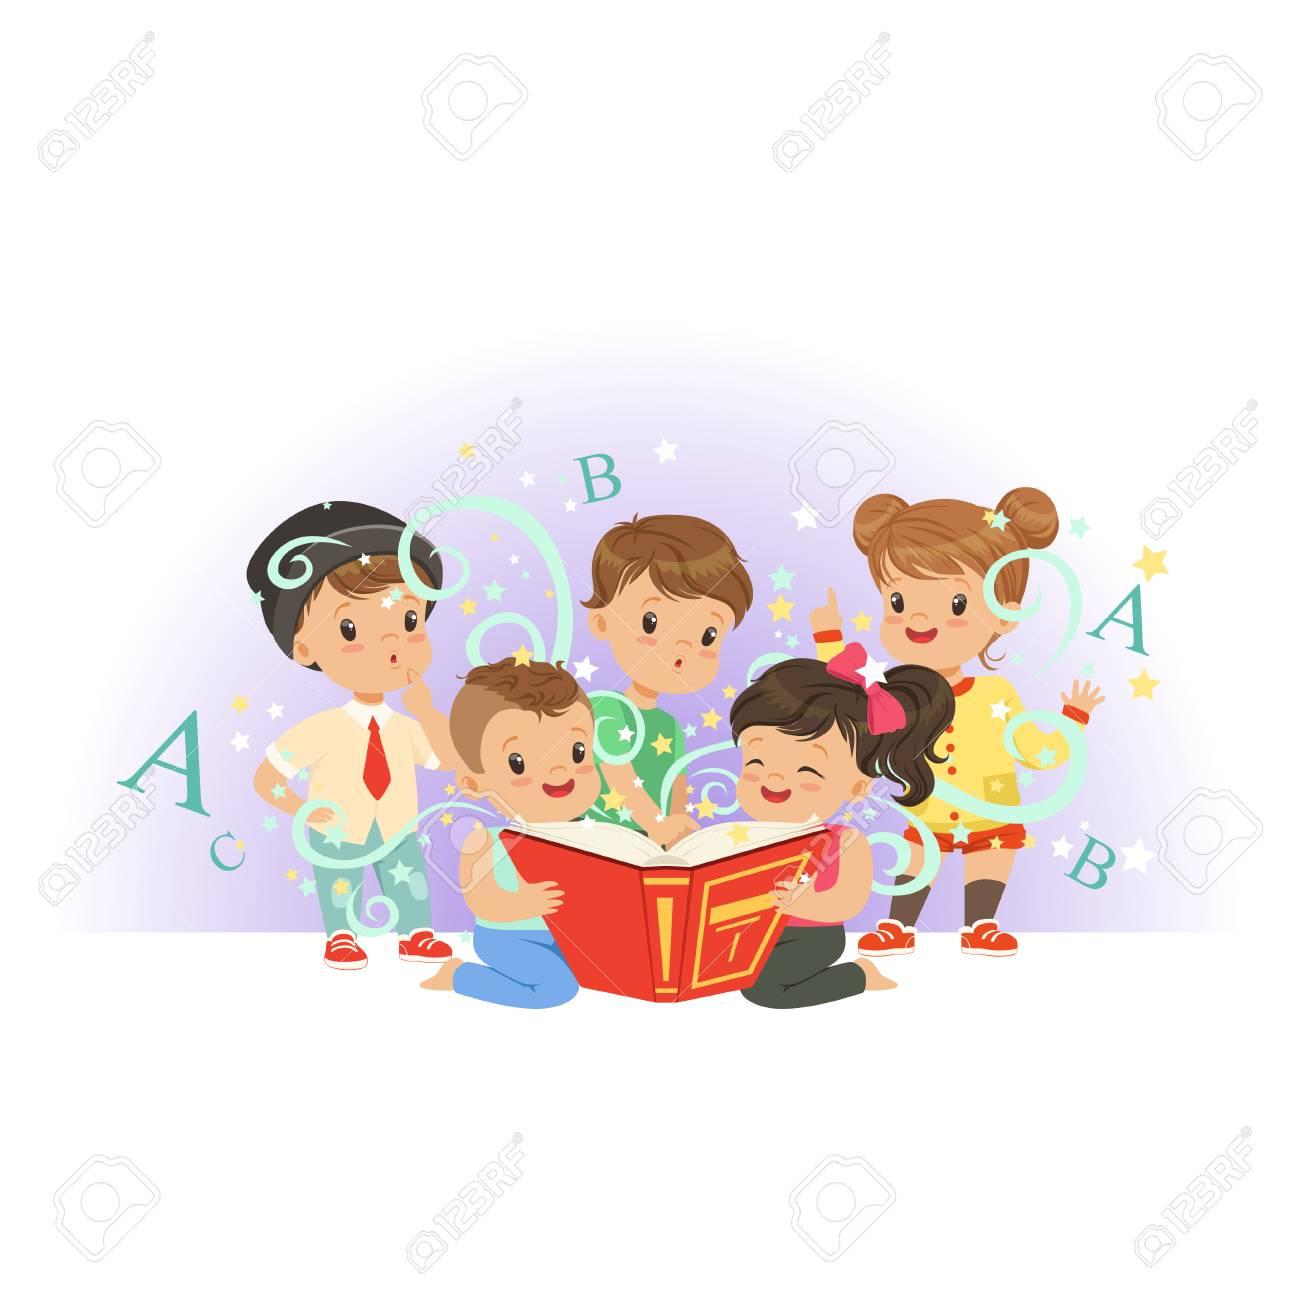 Enfants Prescolaires Adorables Garcons Et Filles Lisant Le Livre Magique Educatif Enfance Heureuse Et Interessante Illustration De Vecteur Plat